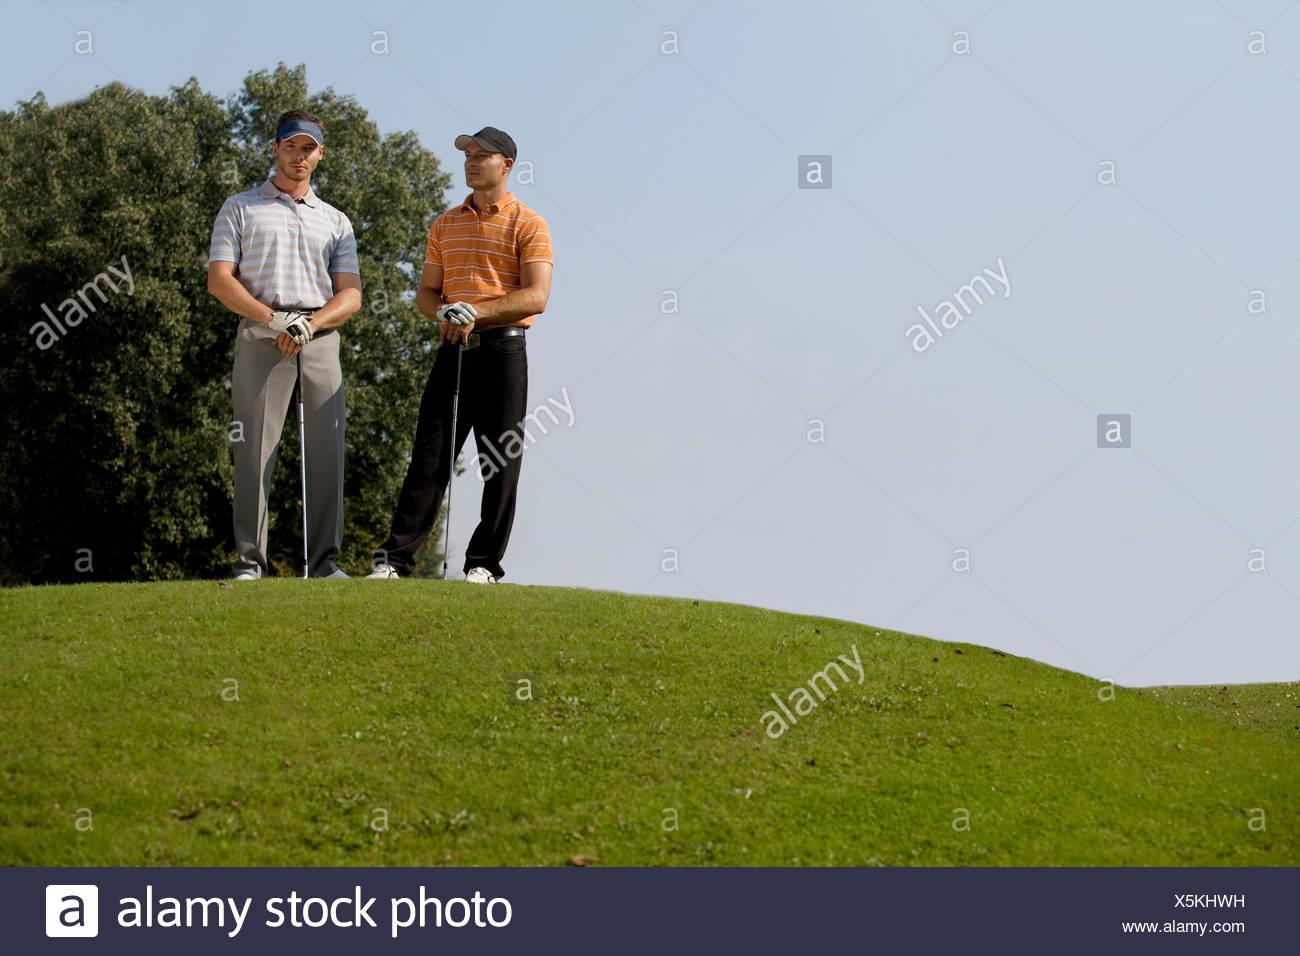 Porträt der jungen Männer stehen mit Golf-Sticks auf Golfplatz Stockbild